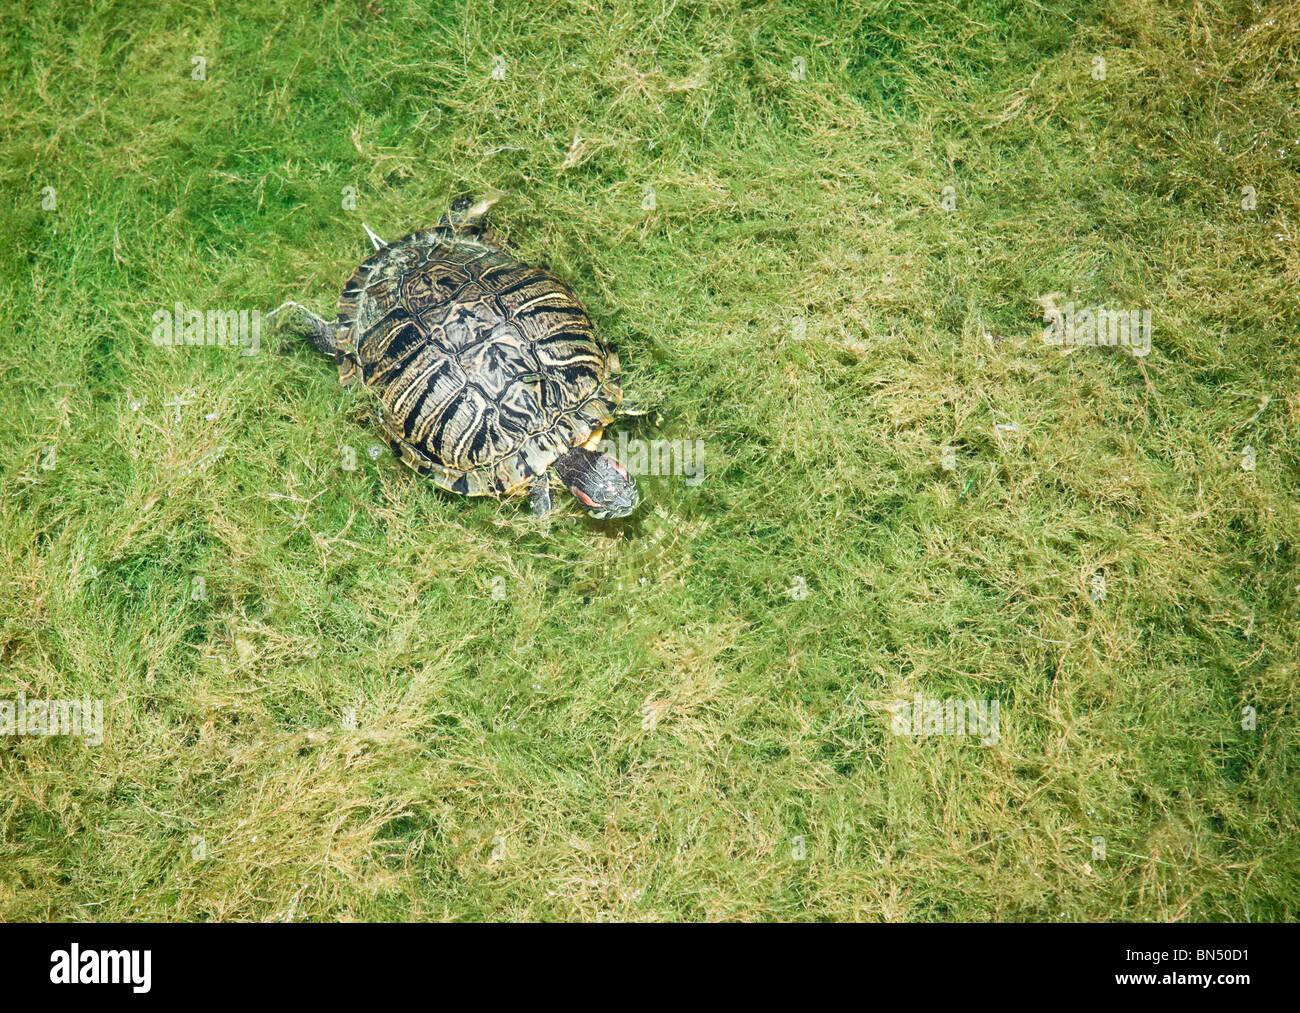 Una tortuga nadando a través de espeso follaje Imagen De Stock